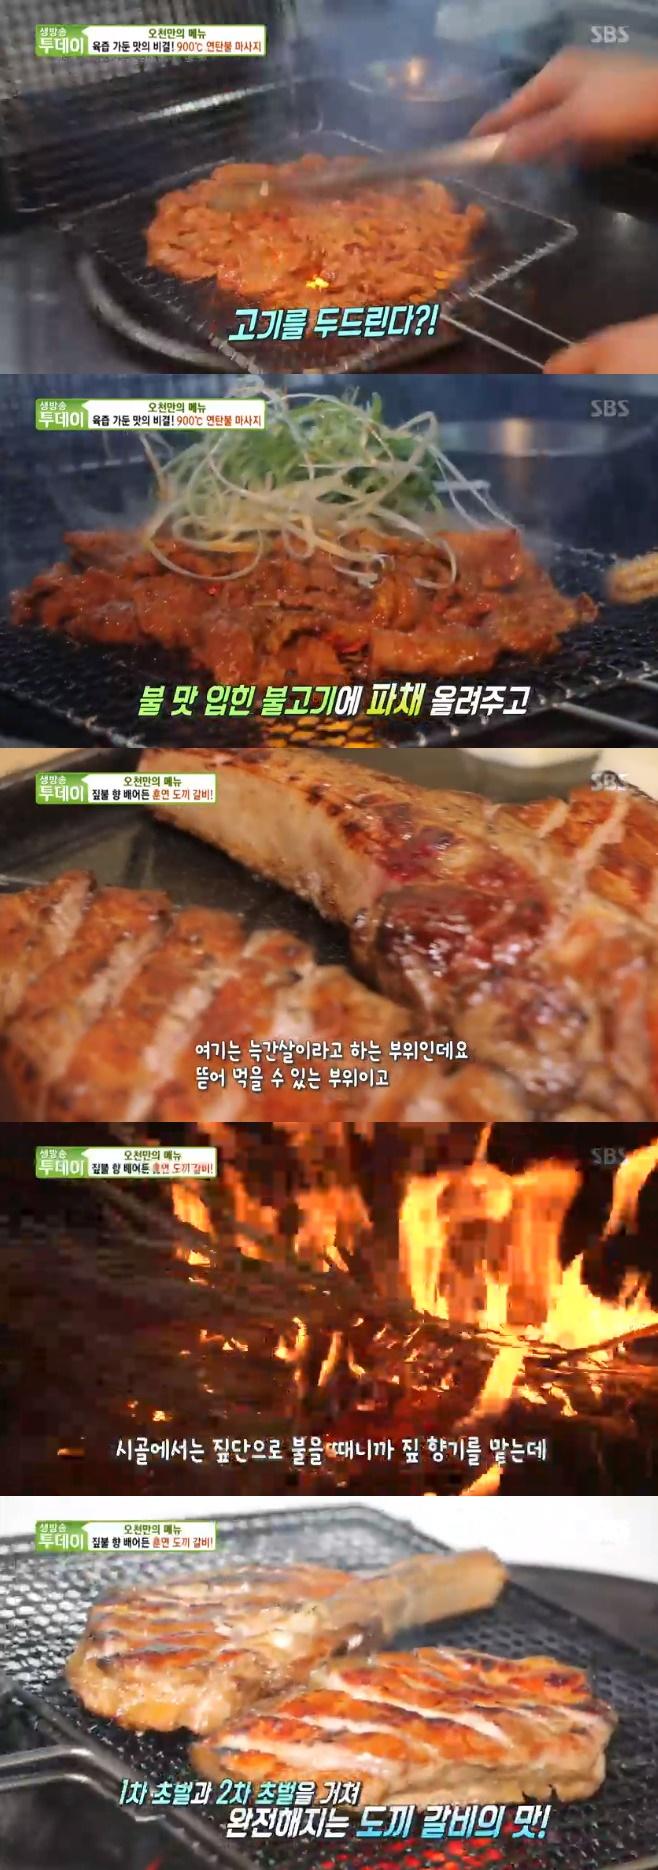 생방송 투데이, 연탄불고기, 훈연 도끼 갈비